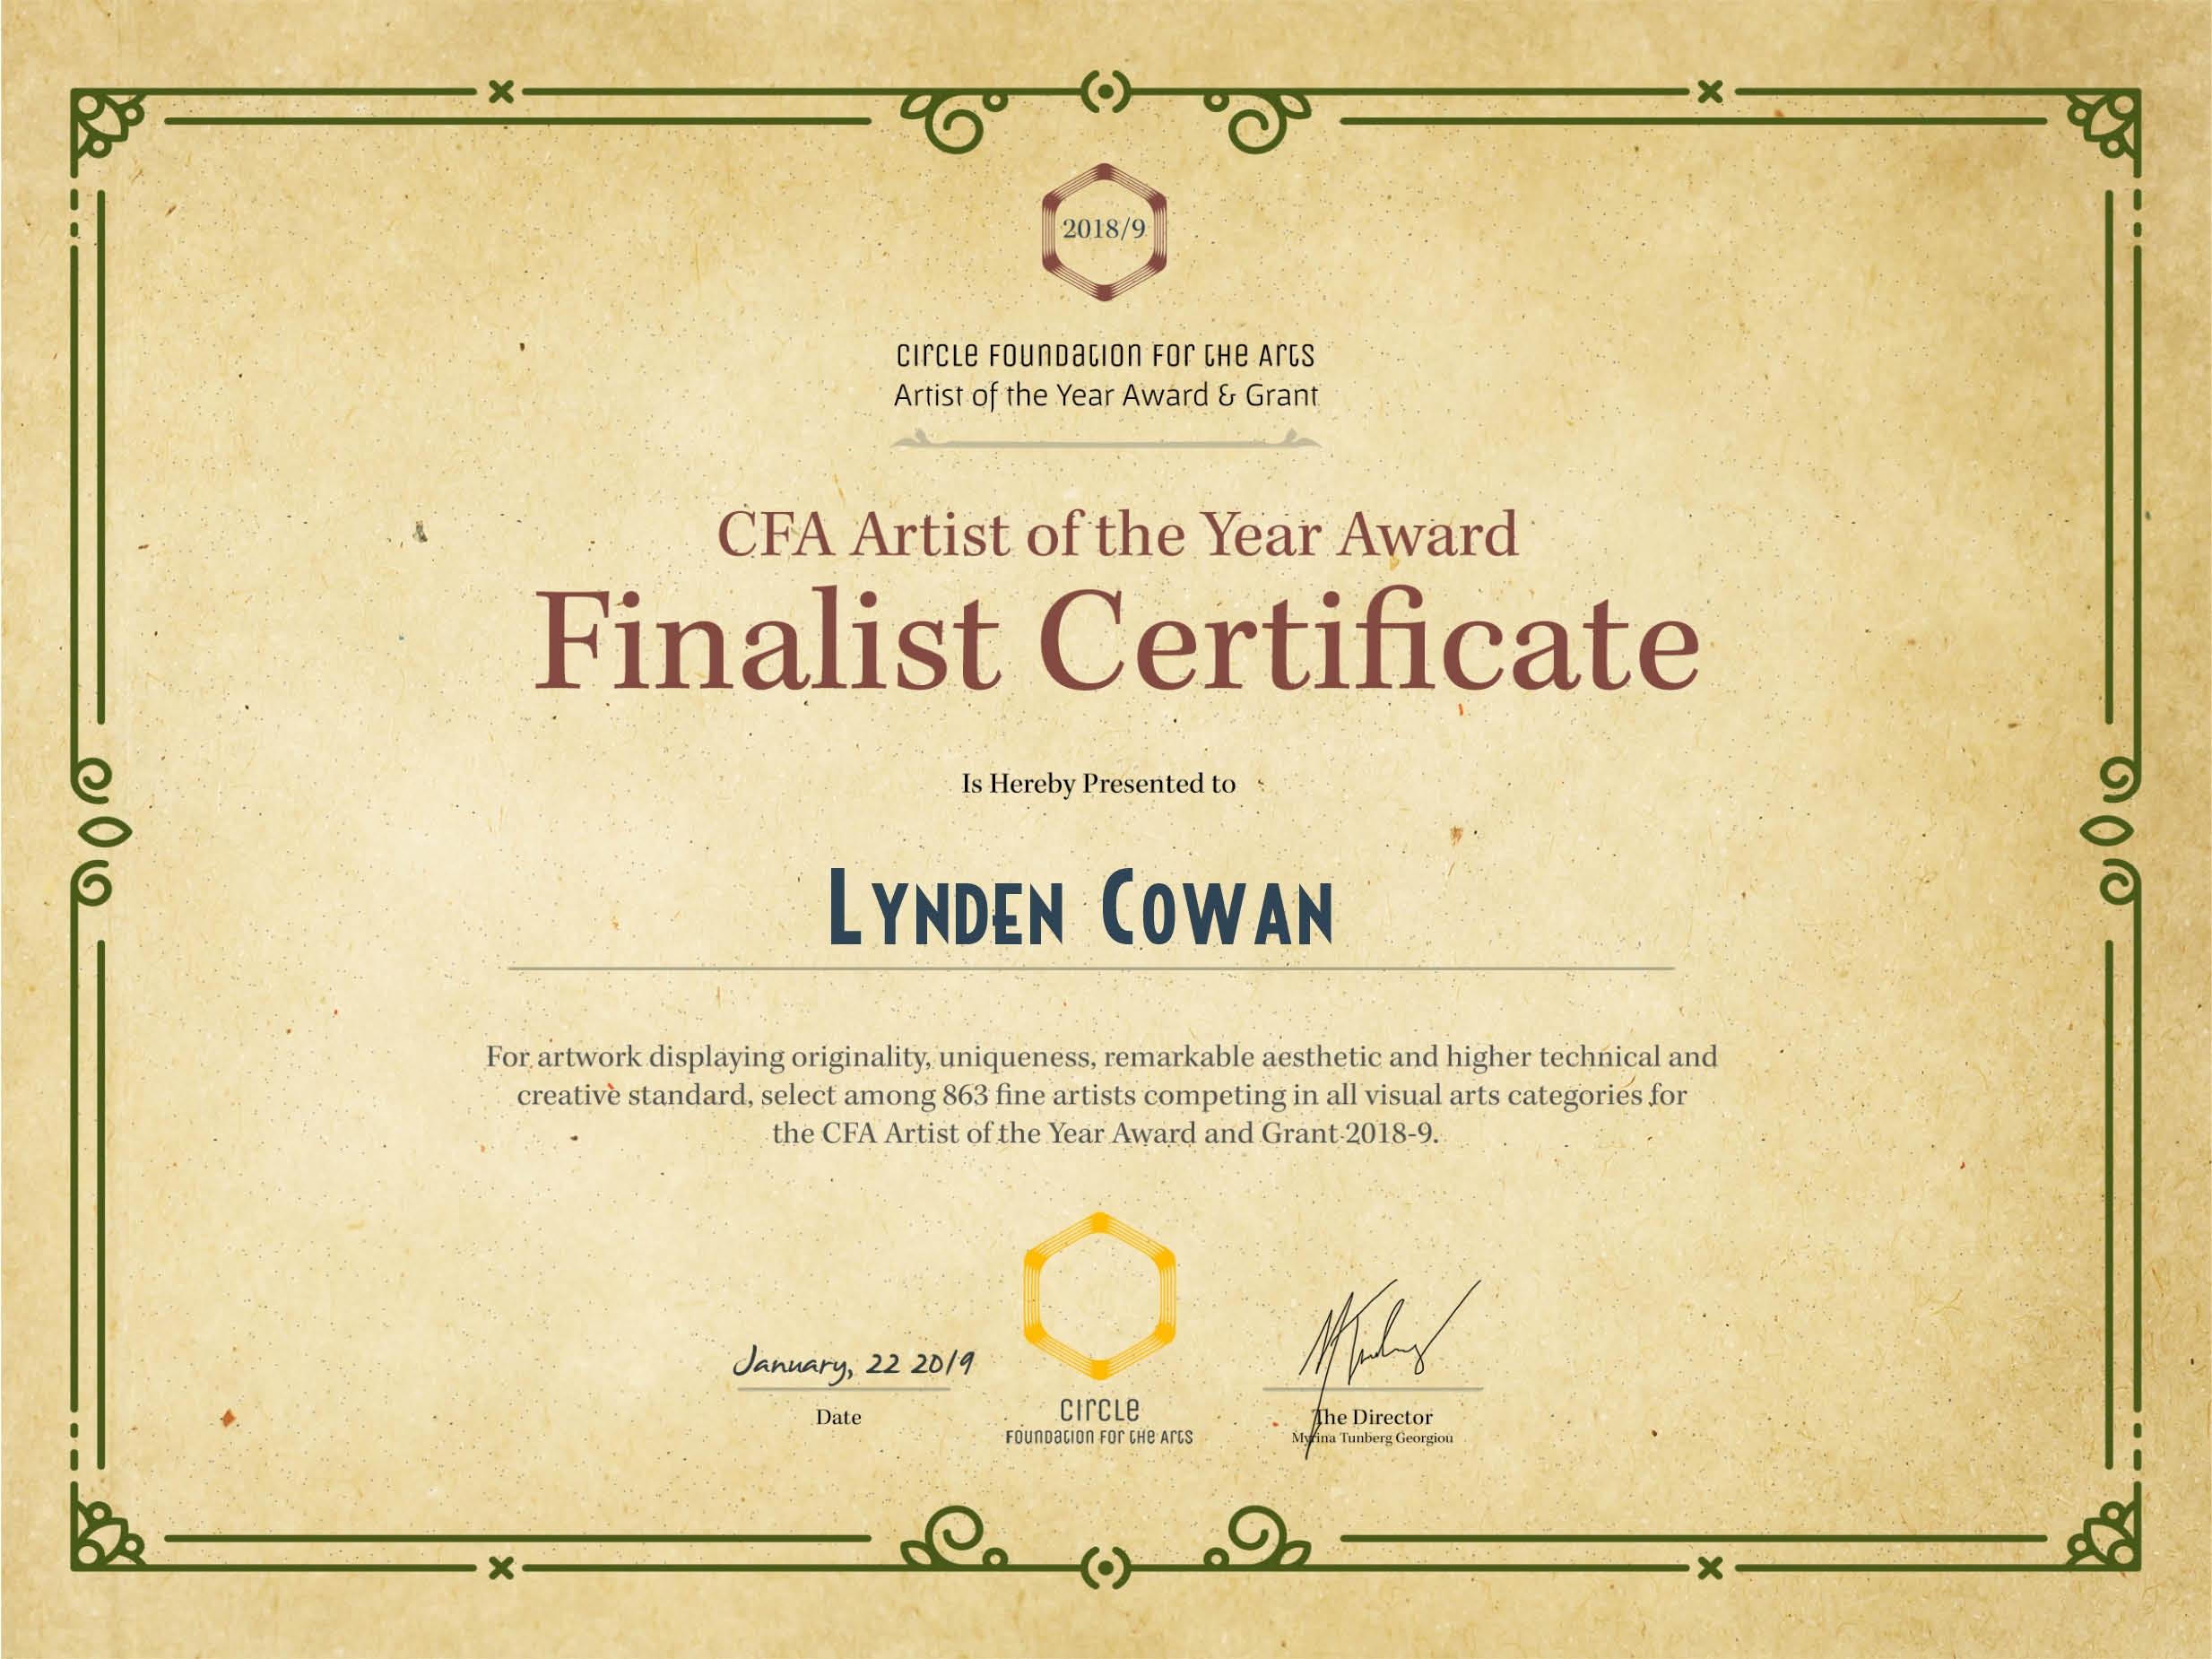 ArtistOfTheYear-Certificate+Lynden+Cowan.jpg